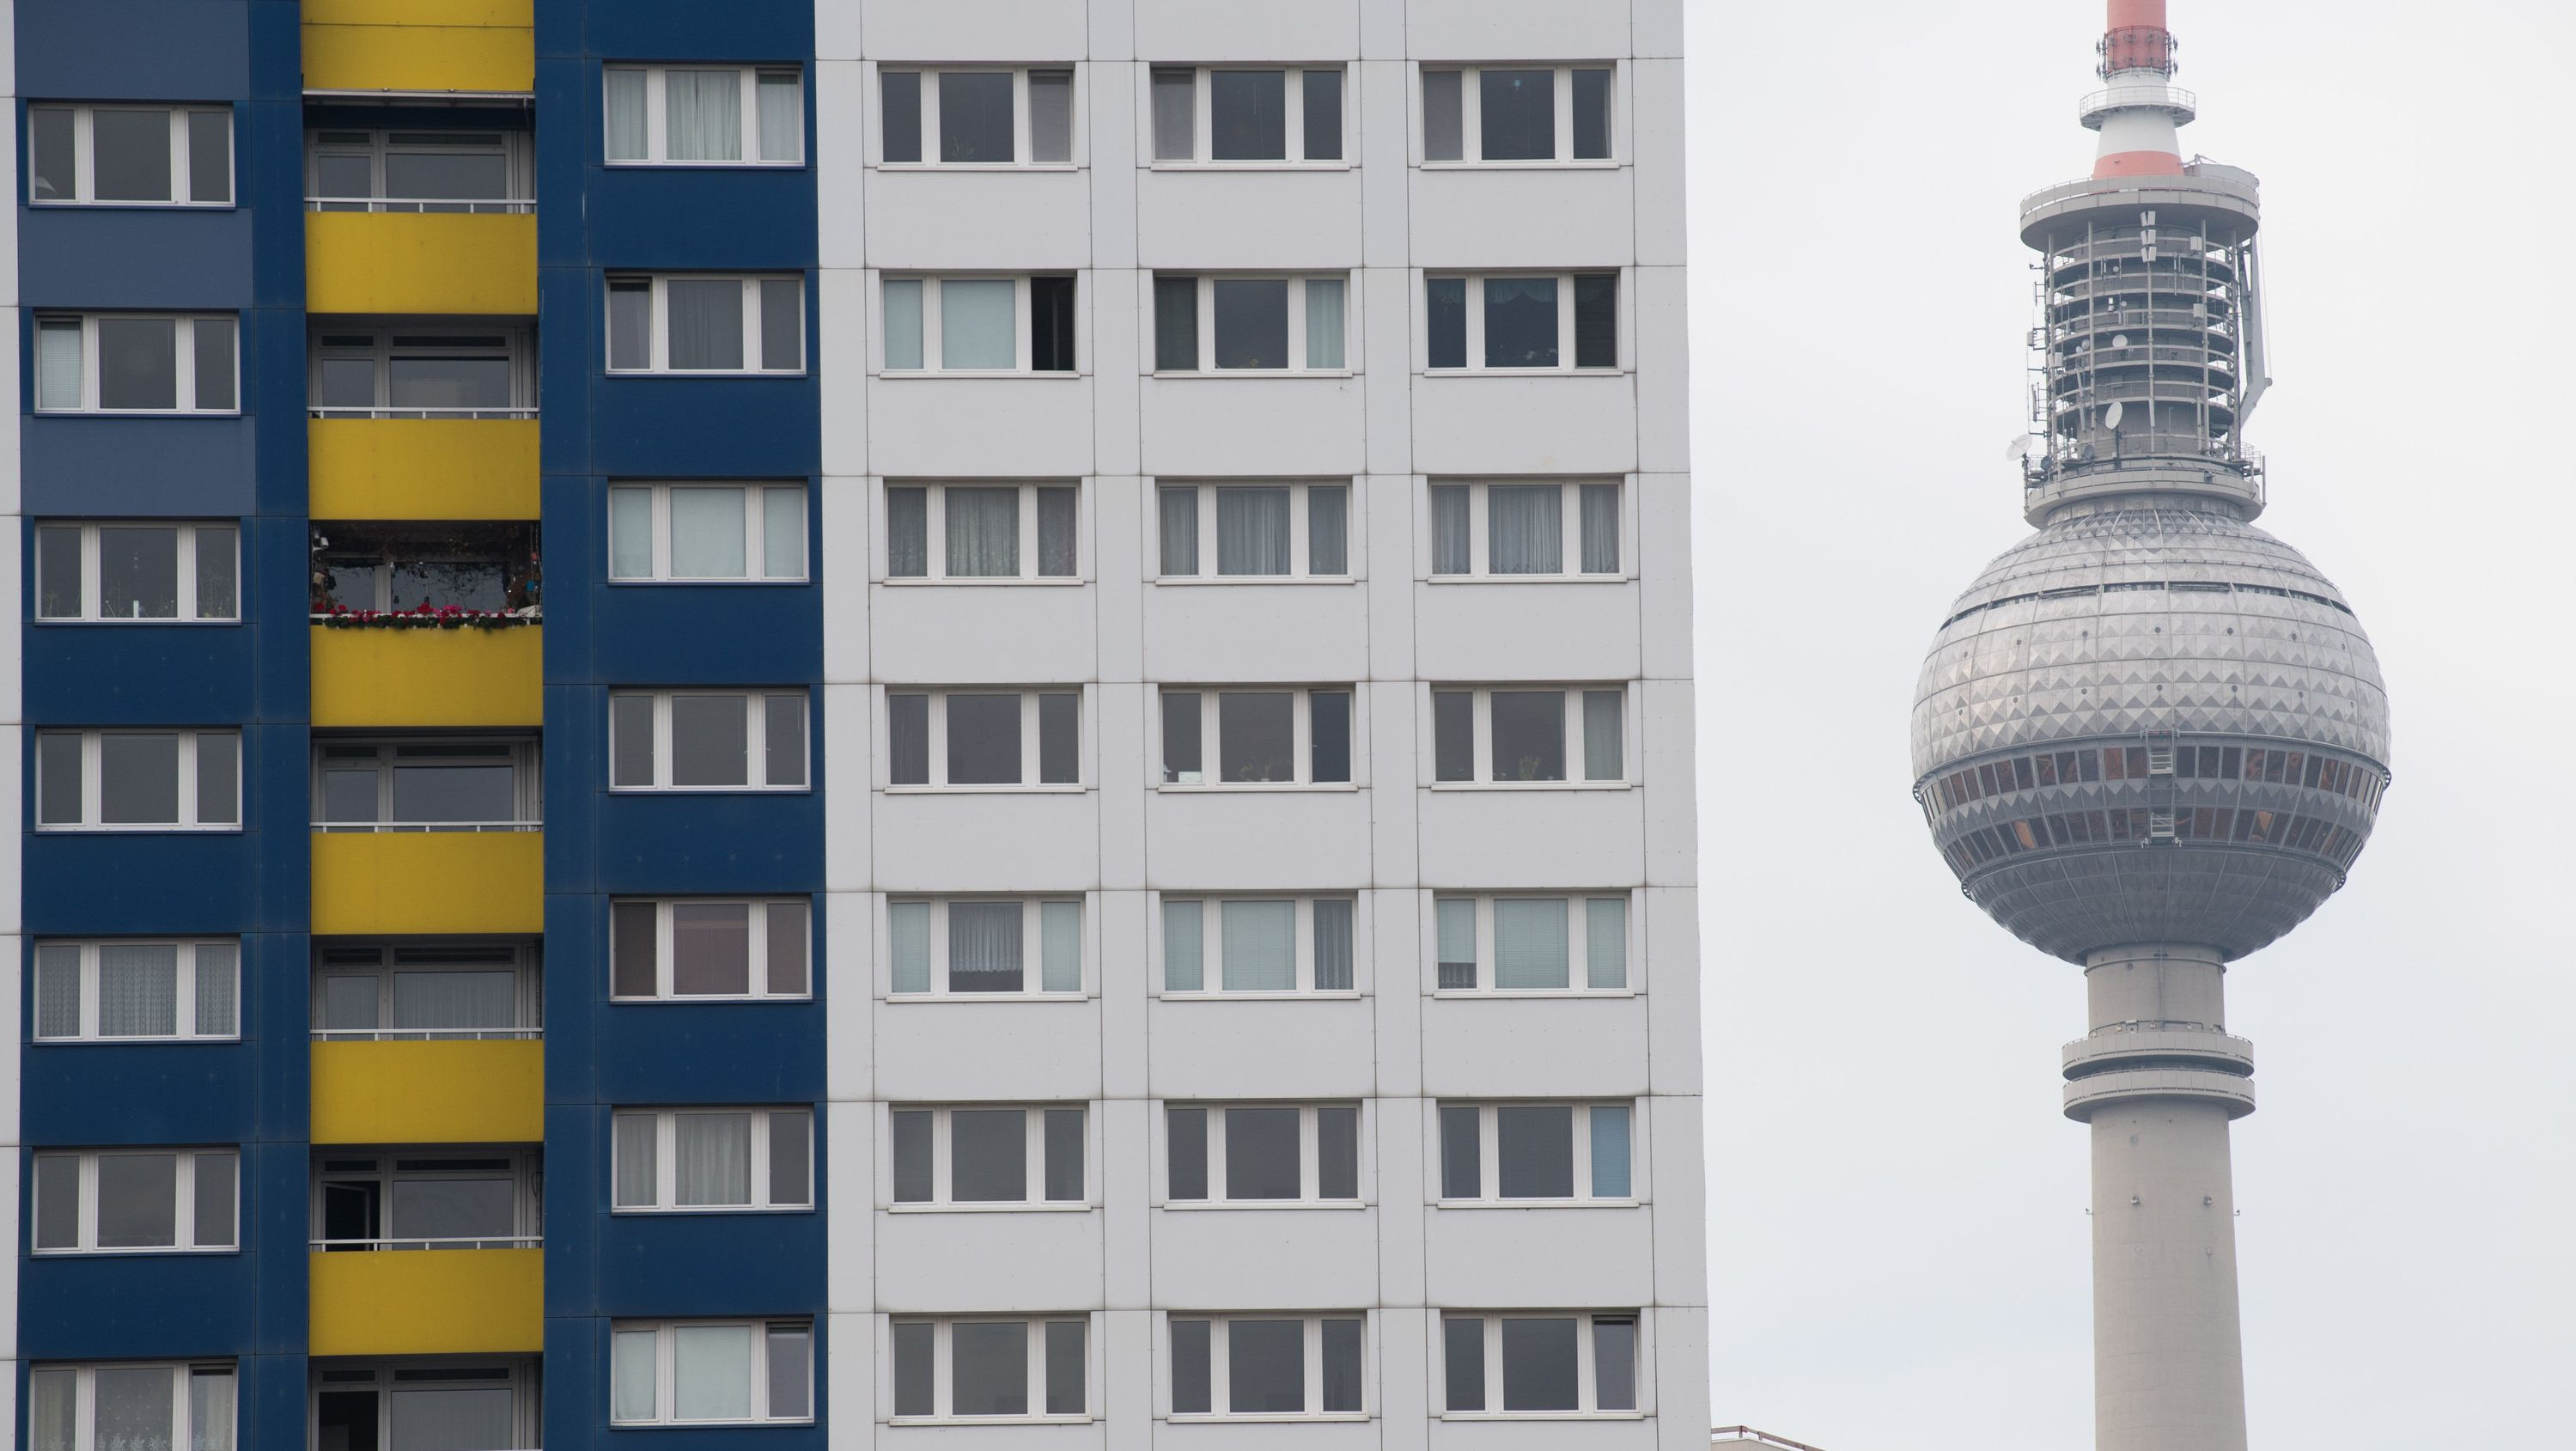 Wohnungen in Sichtweite des Berliner Fernsehturms.